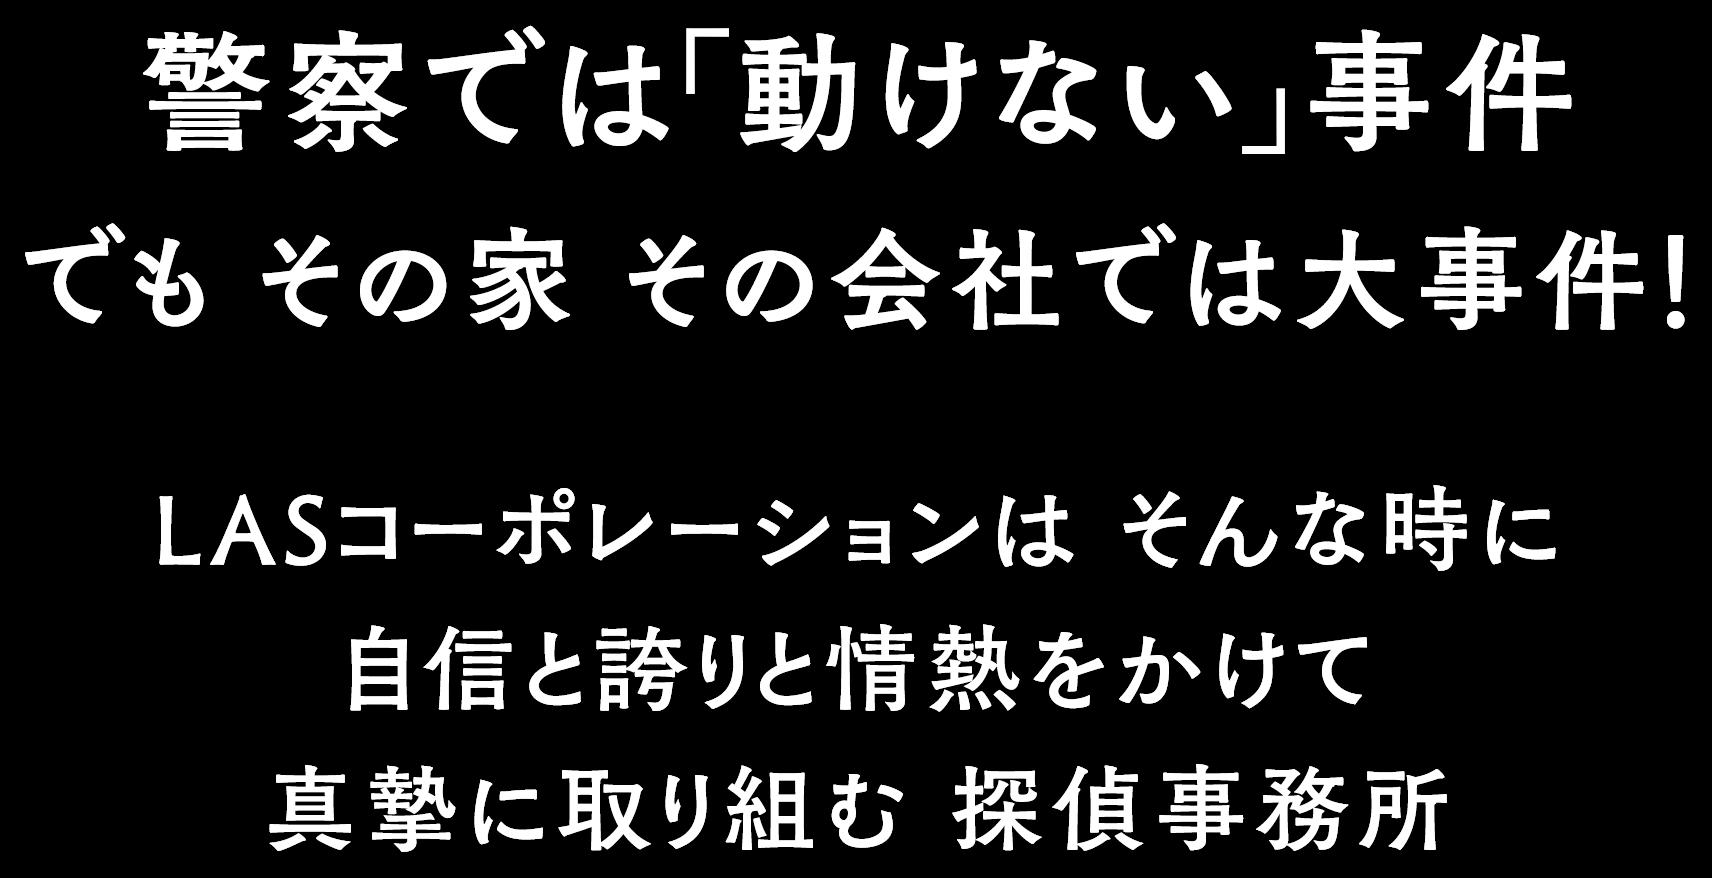 警察では「動けない」事件 でも その家 その会社では大事件!愛知県名古屋市の当探偵では、自信と誇りと情熱をかけて 真摯に取り組む 探偵・興信所